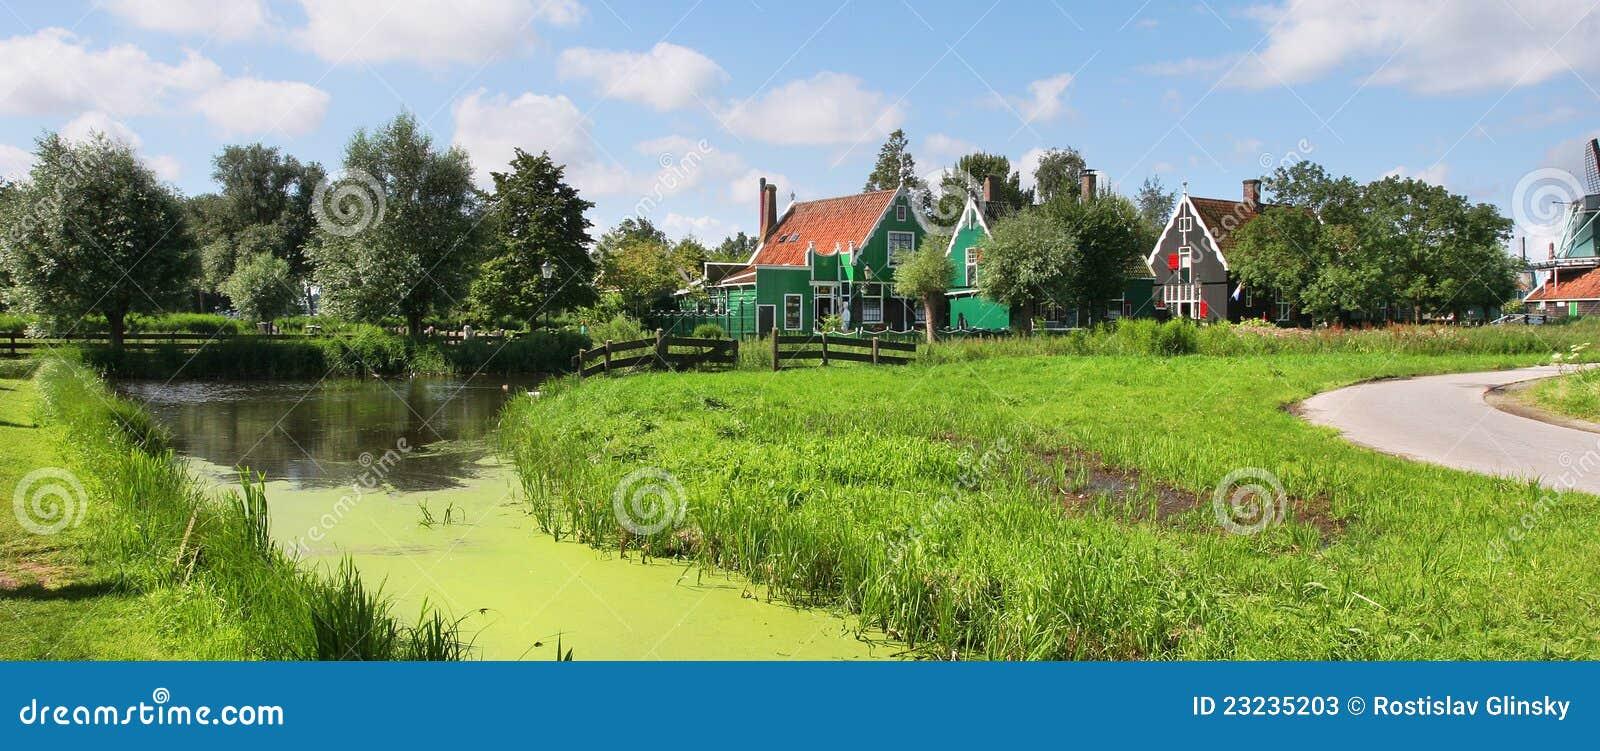 荷兰语全景村庄